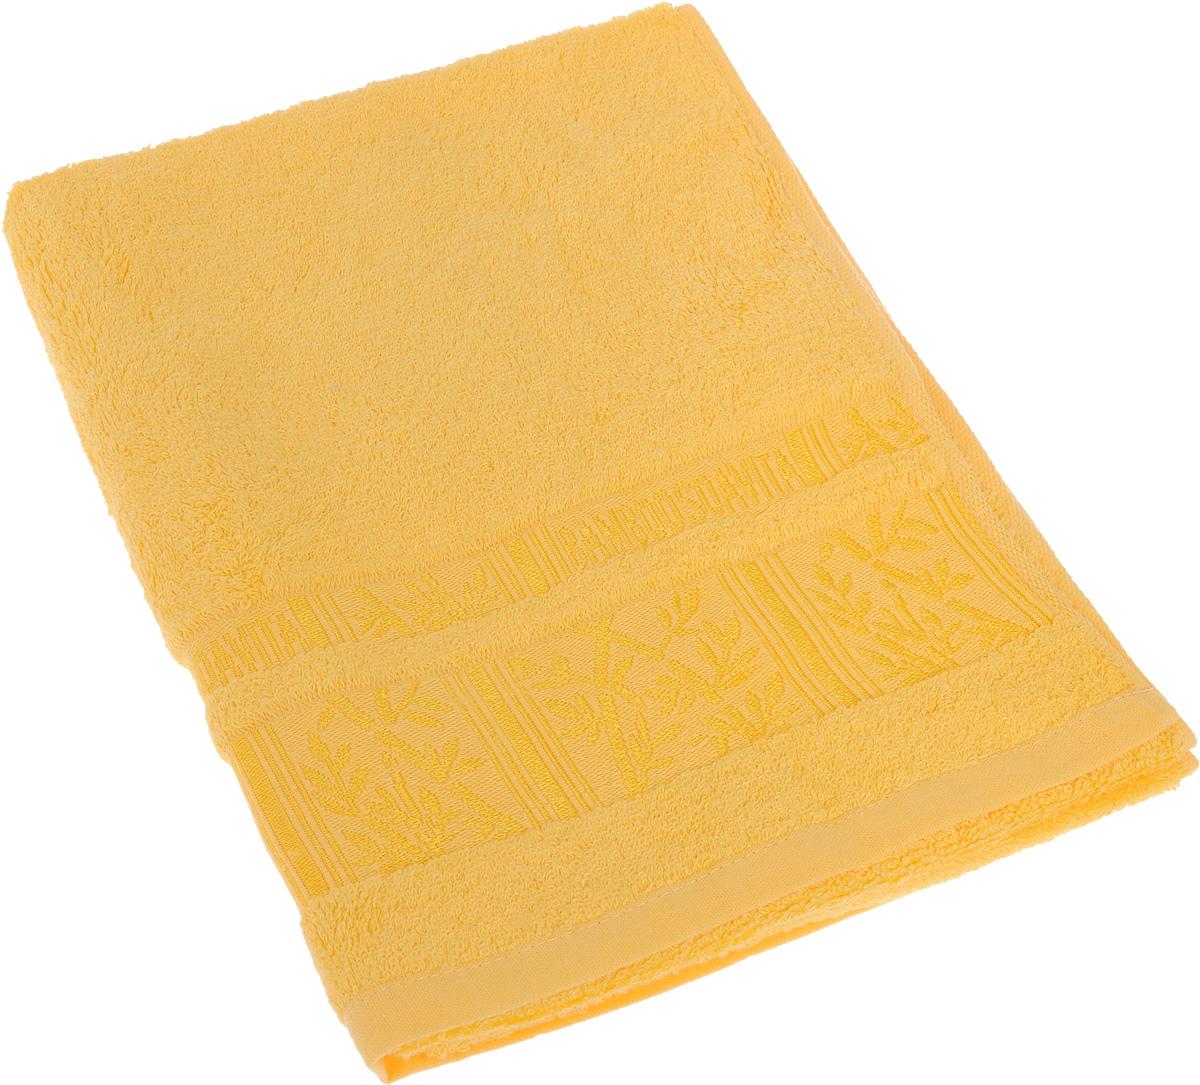 Полотенце Soavita Sofia, цвет: желтый, 50 х 90 см64109Полотенце Soavita Sofia выполнено из 100% бамбукового волокна. Изделие отлично впитывает влагу, быстро сохнет, сохраняет яркость цвета и не теряет форму даже после многократных стирок. Полотенце очень практично и неприхотливо в уходе. Оно создаст прекрасное настроение и украсит интерьер в ванной комнате.